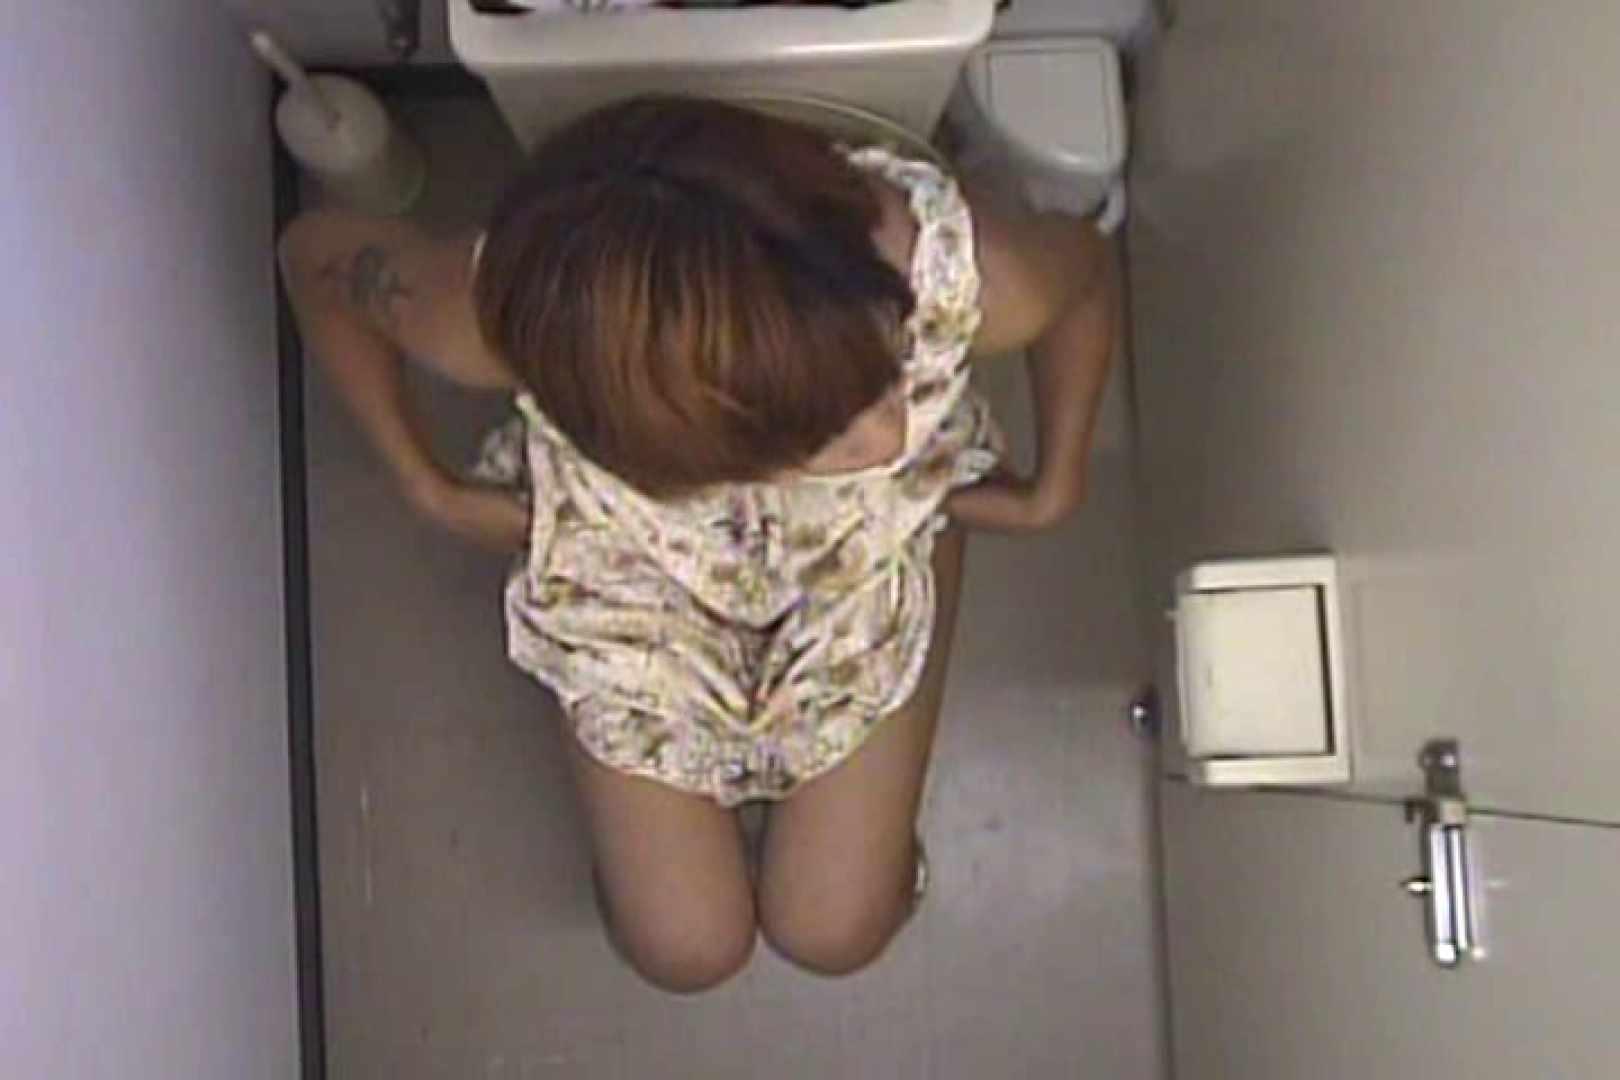 雑居ビル洗面所オナニーVol.6 お姉さんの女体 | 可愛いパイパン  33pic 19